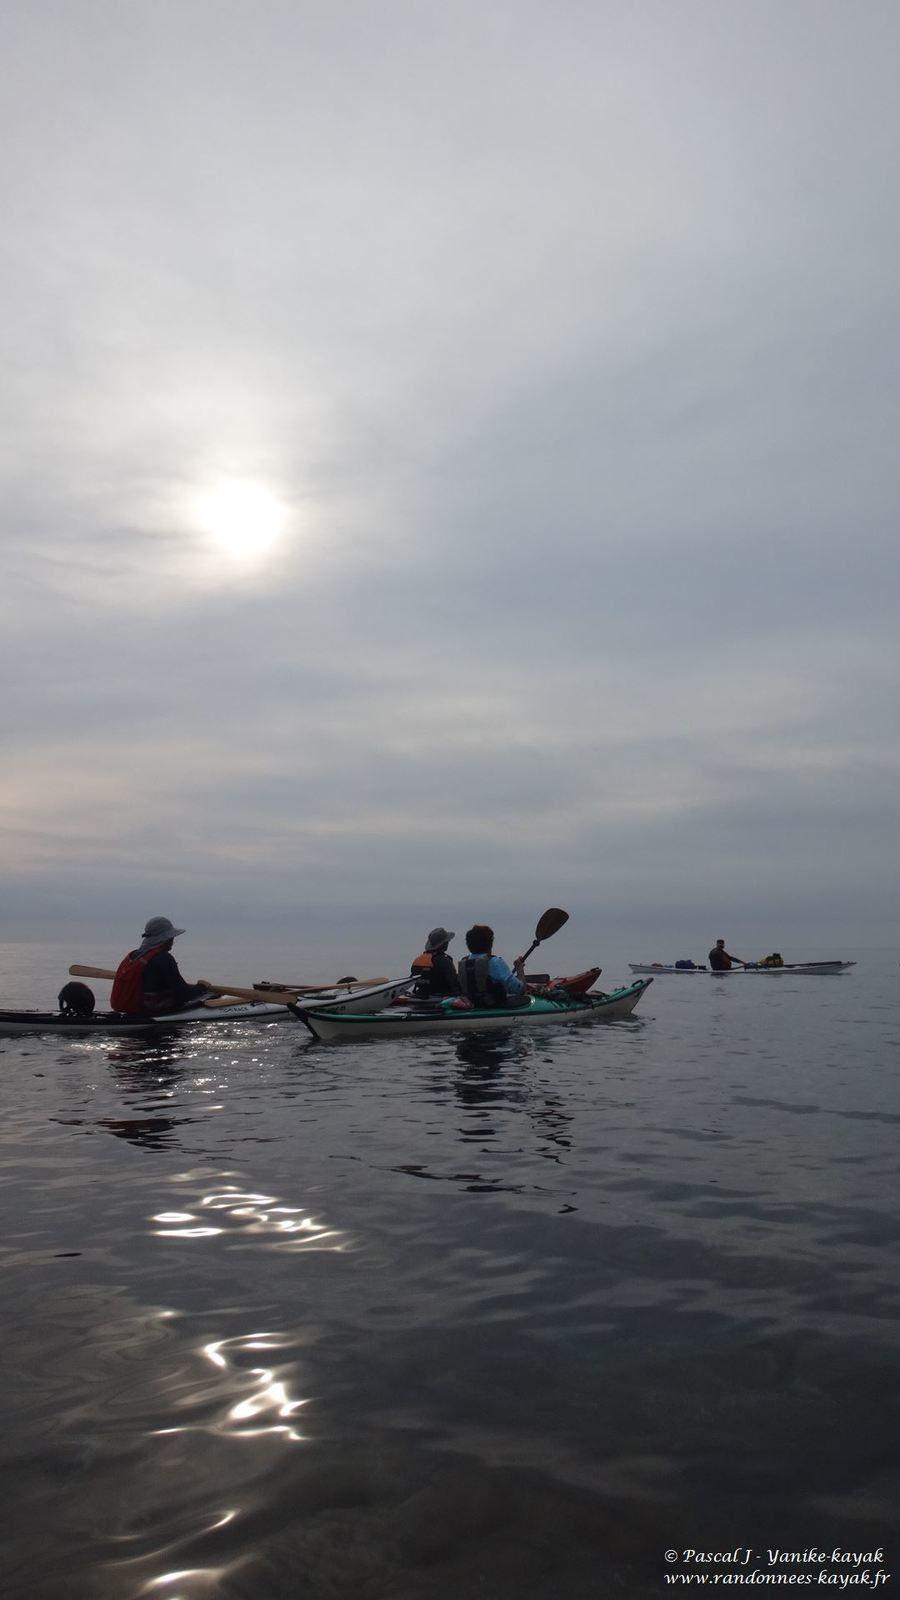 Sardegna 2019, una nuova avventura - Chapitre 5 : à la découverte des merveilles du Golfe d'Orosei (5)